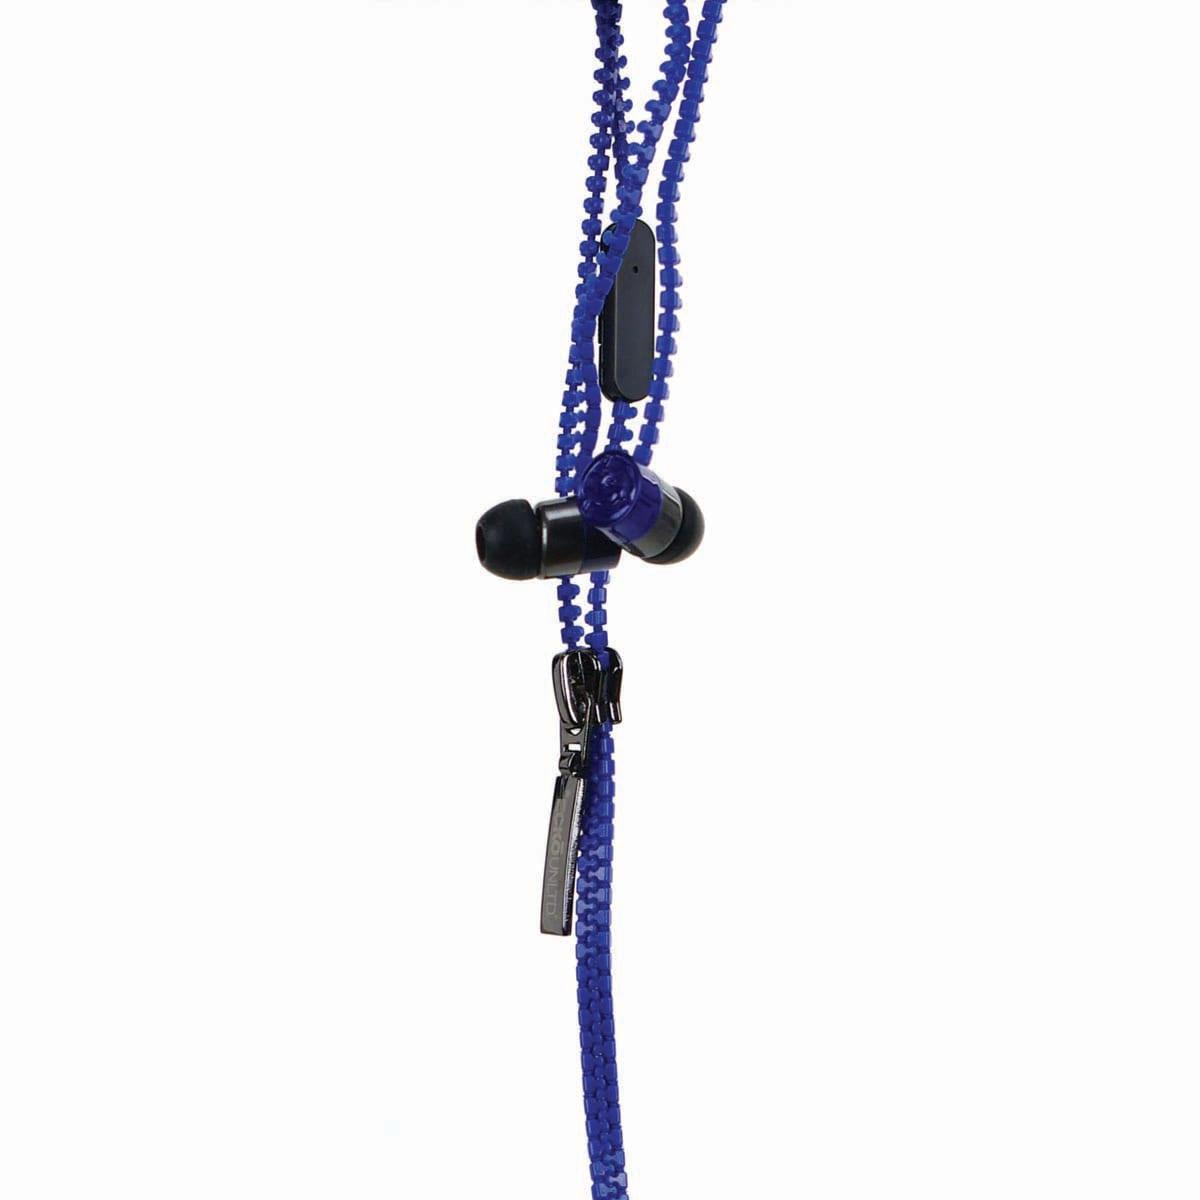 Ecko Zip Blue Earbud and mic EKU-ZIP-BL